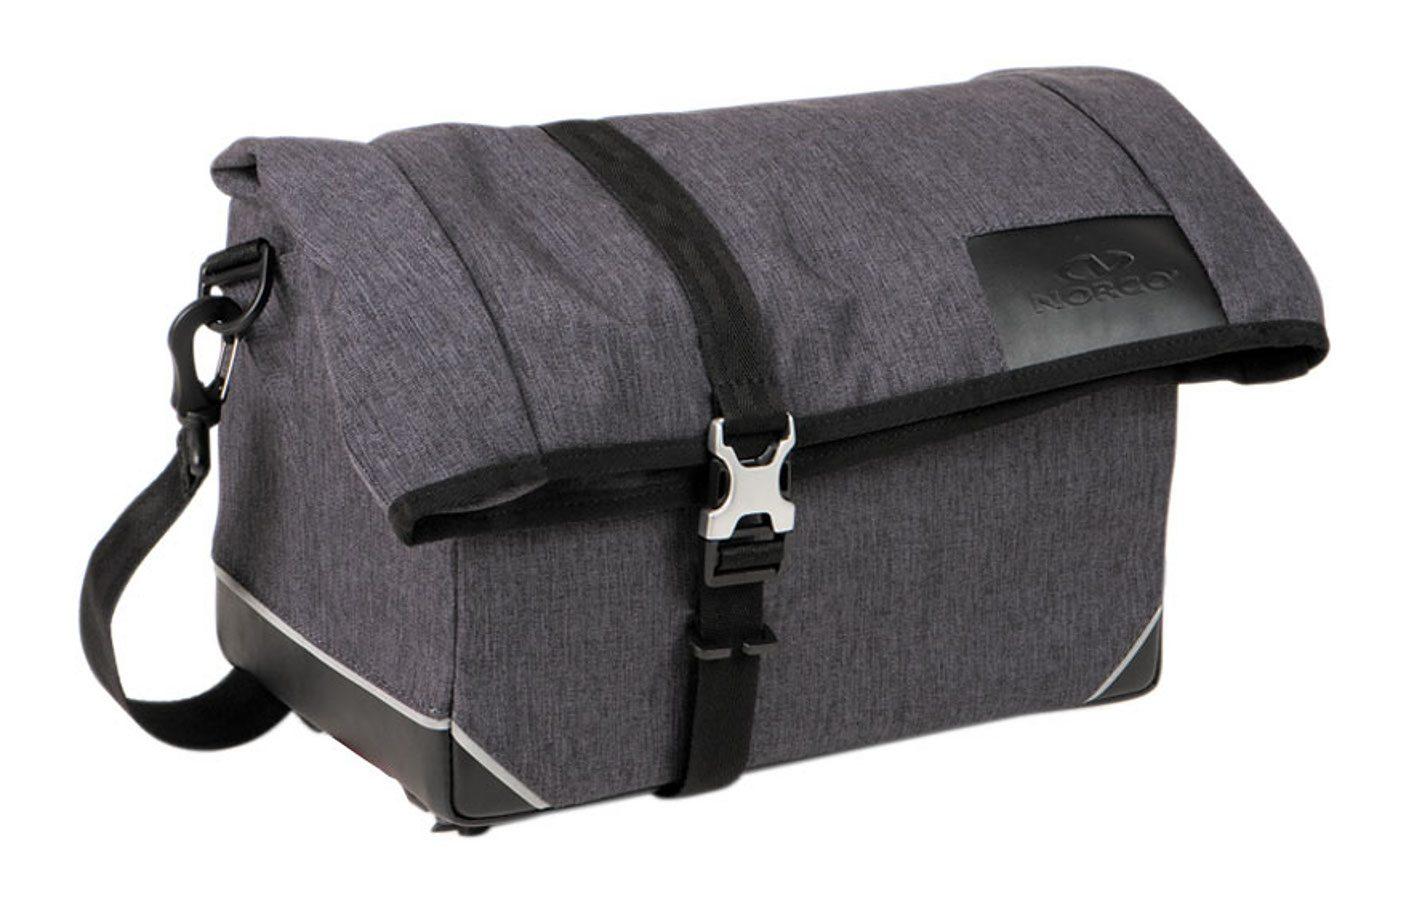 Norco Gepäckträgertasche »Exeter Gepäckträgertasche Klettverschluss«